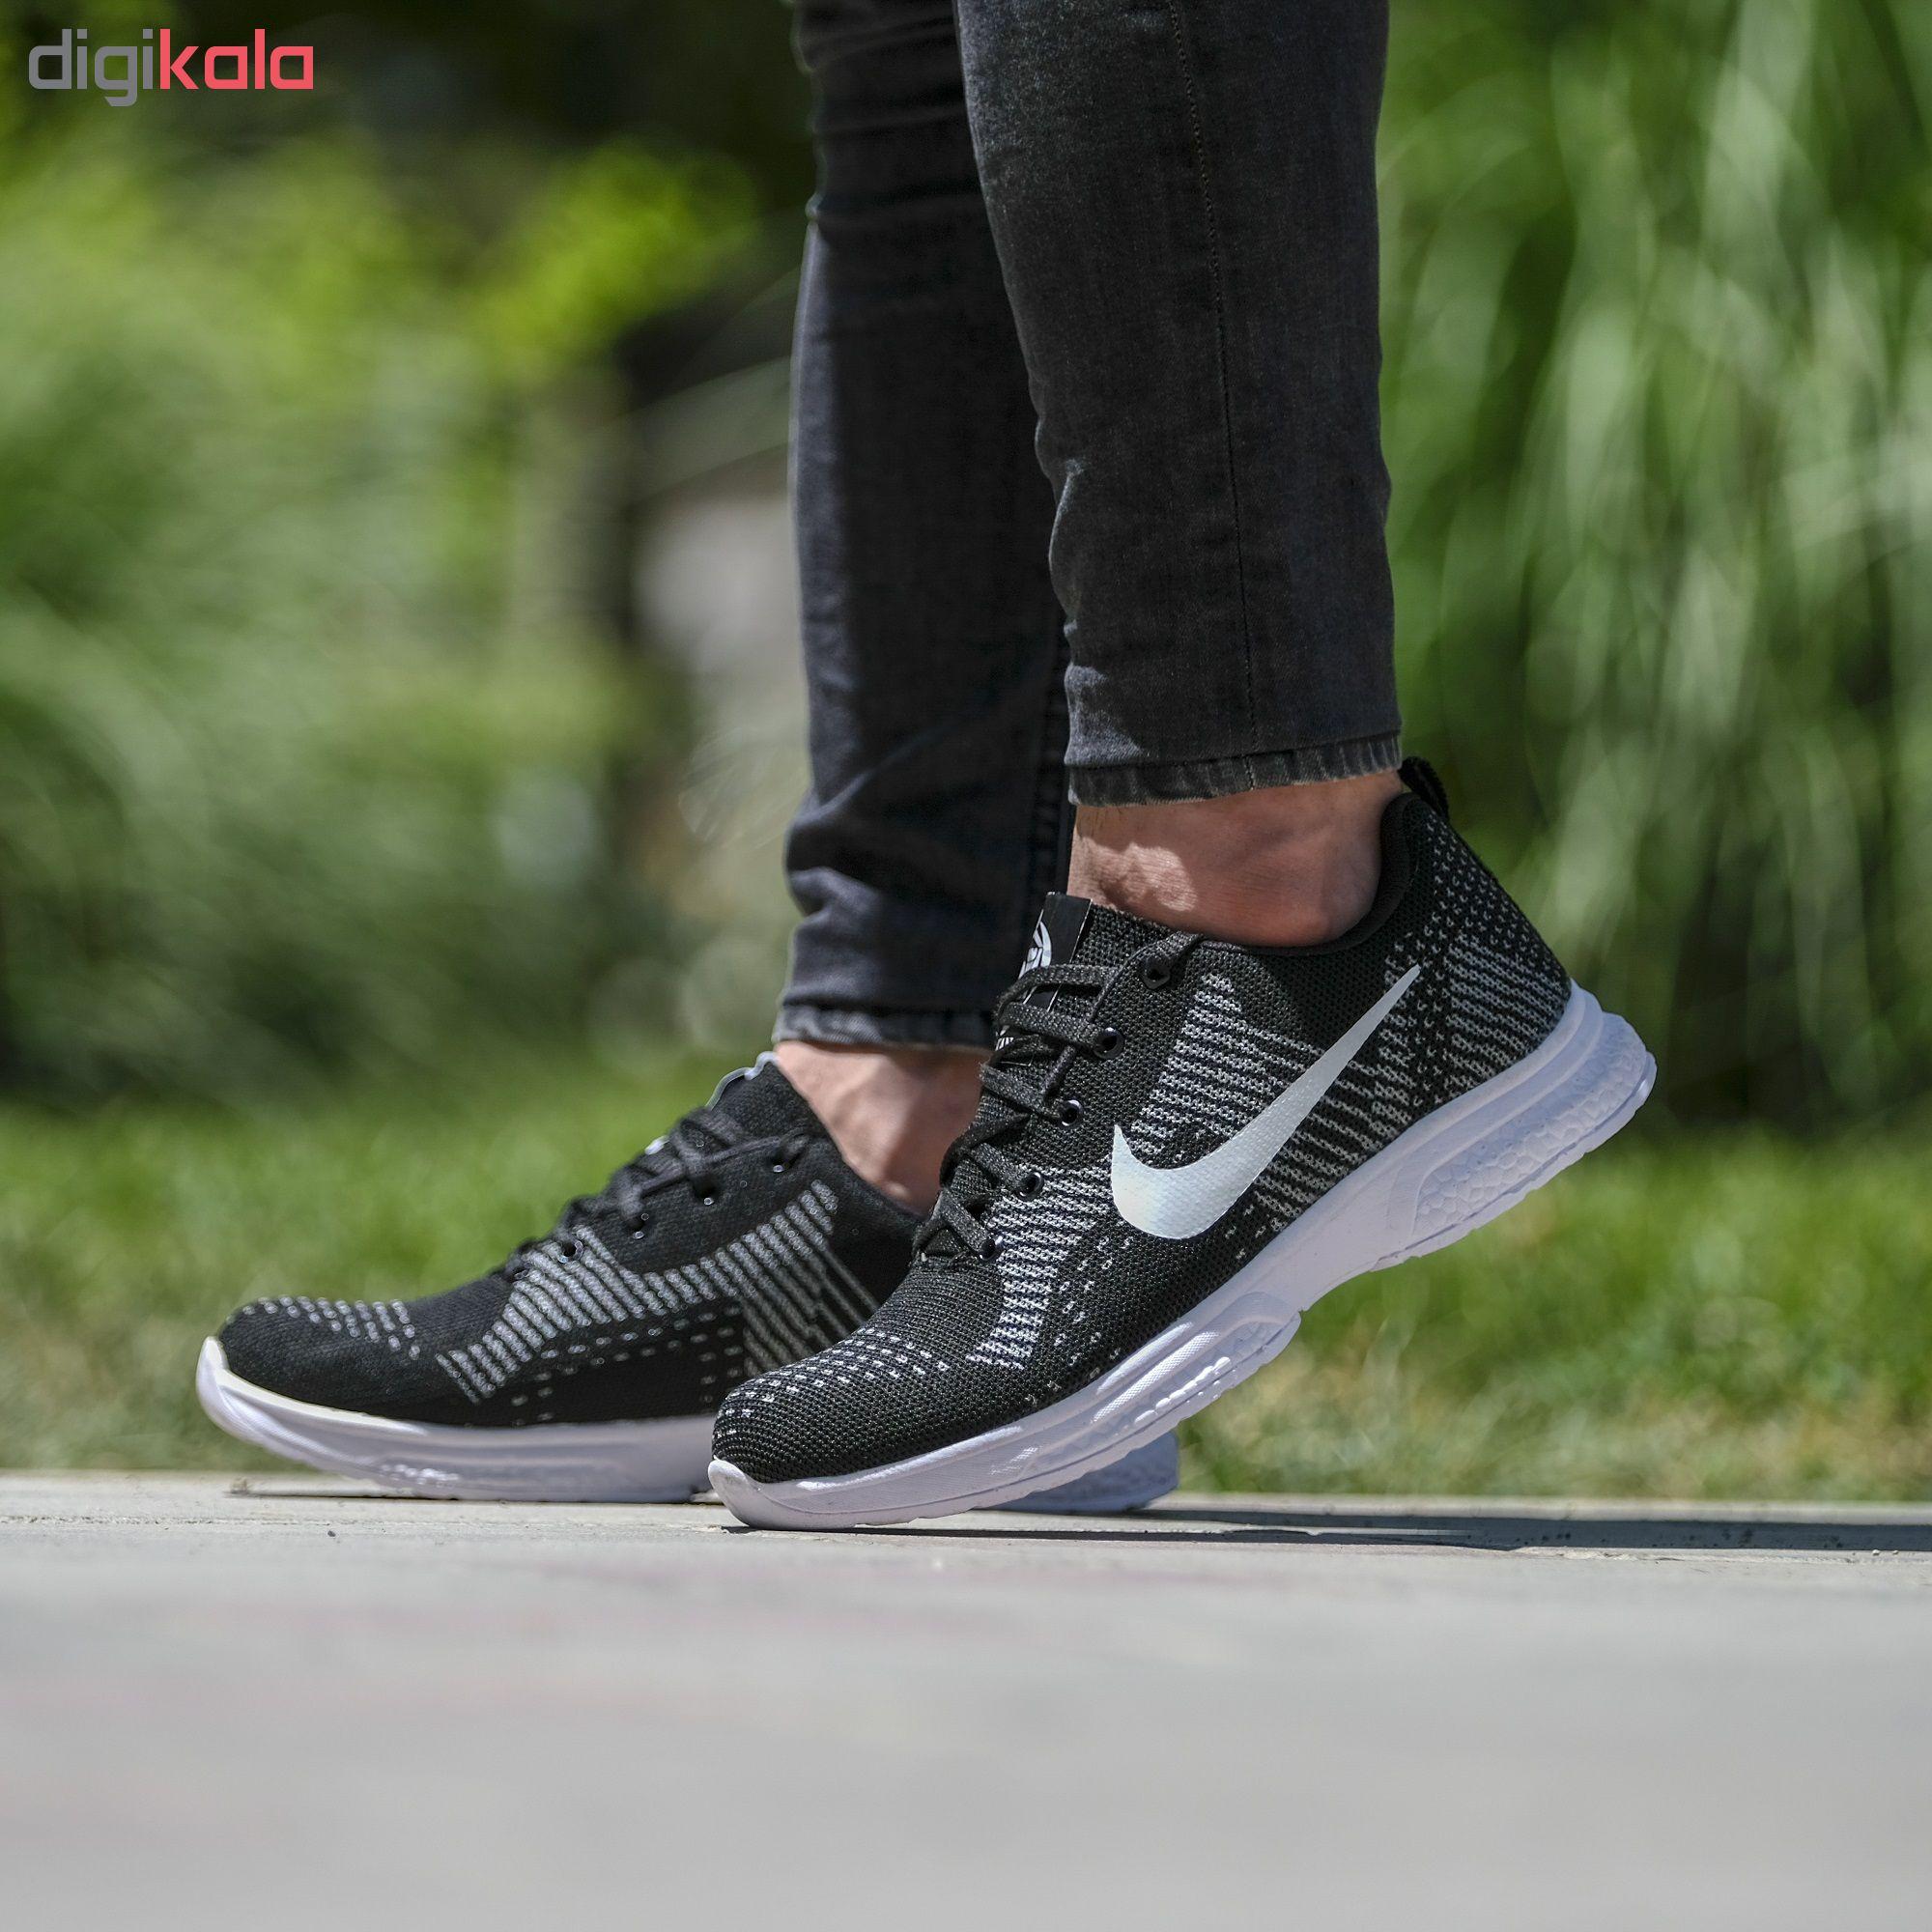 کفش مخصوص پیاده روی مردانه مدل nik.pama.khal.khal رنگ مشکی